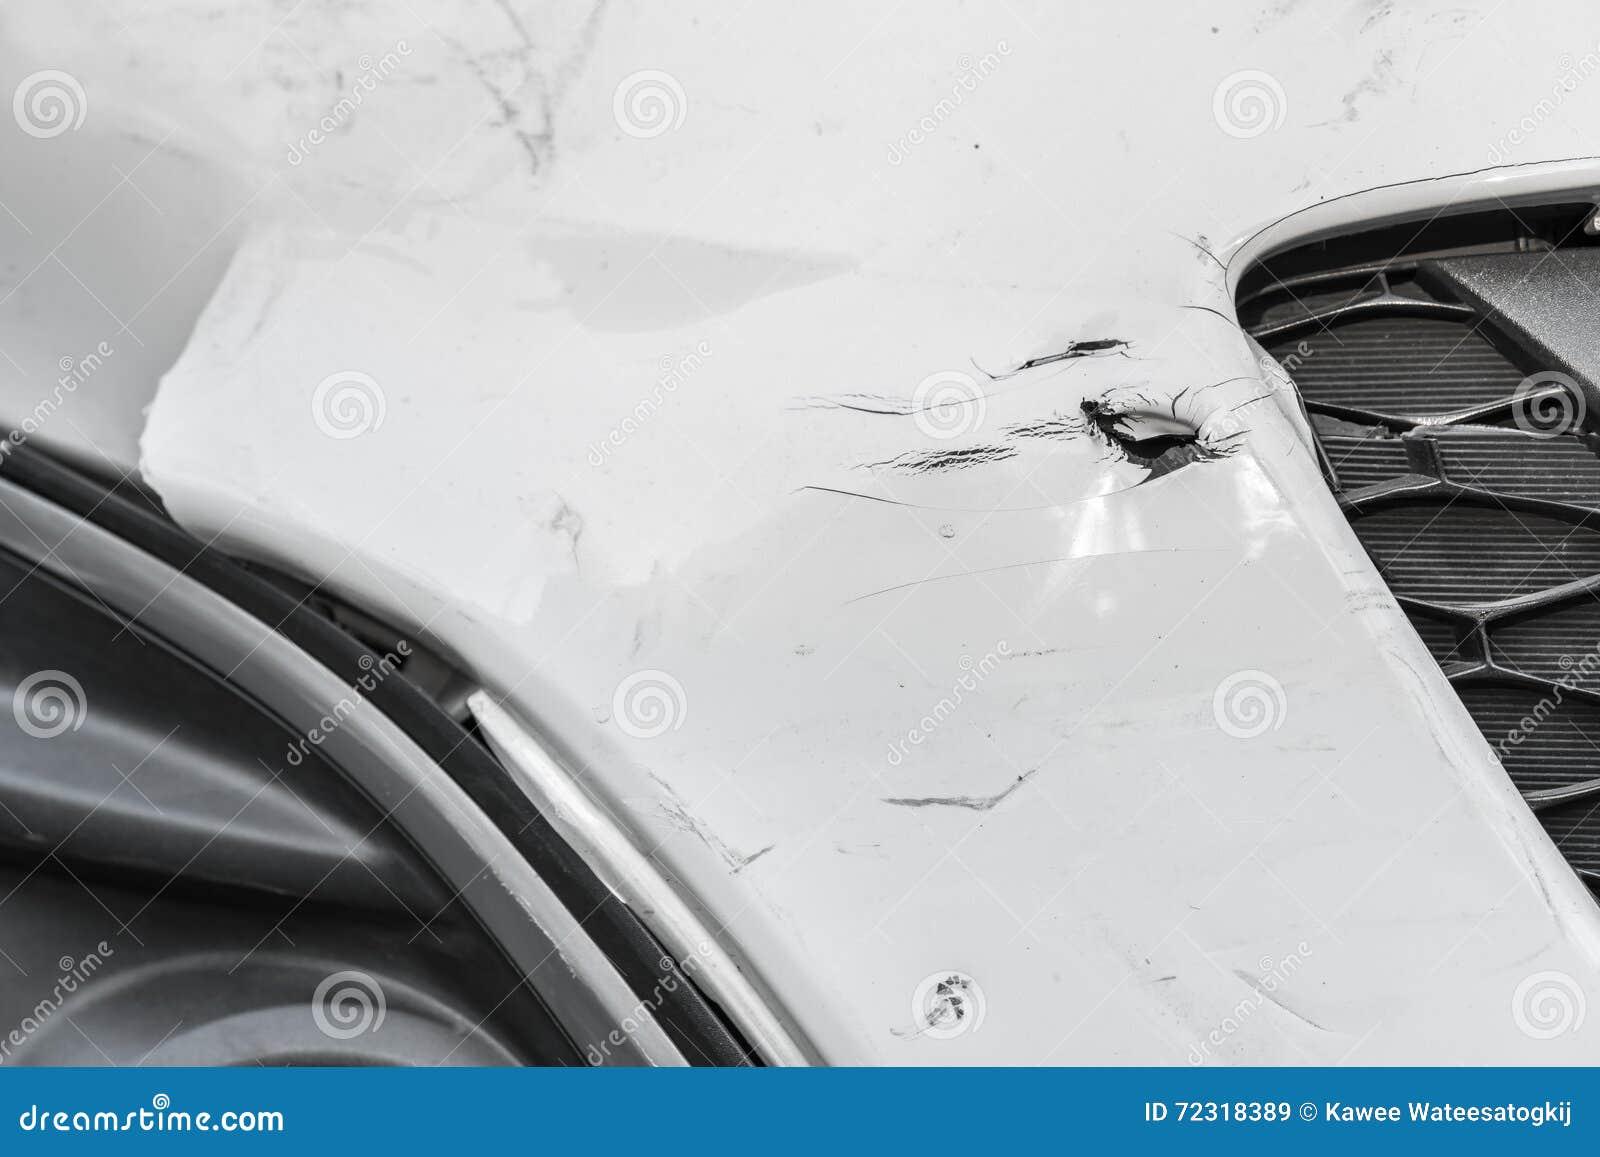 Wgniatający narysy na uszkadzającym białym samochodzie i rana